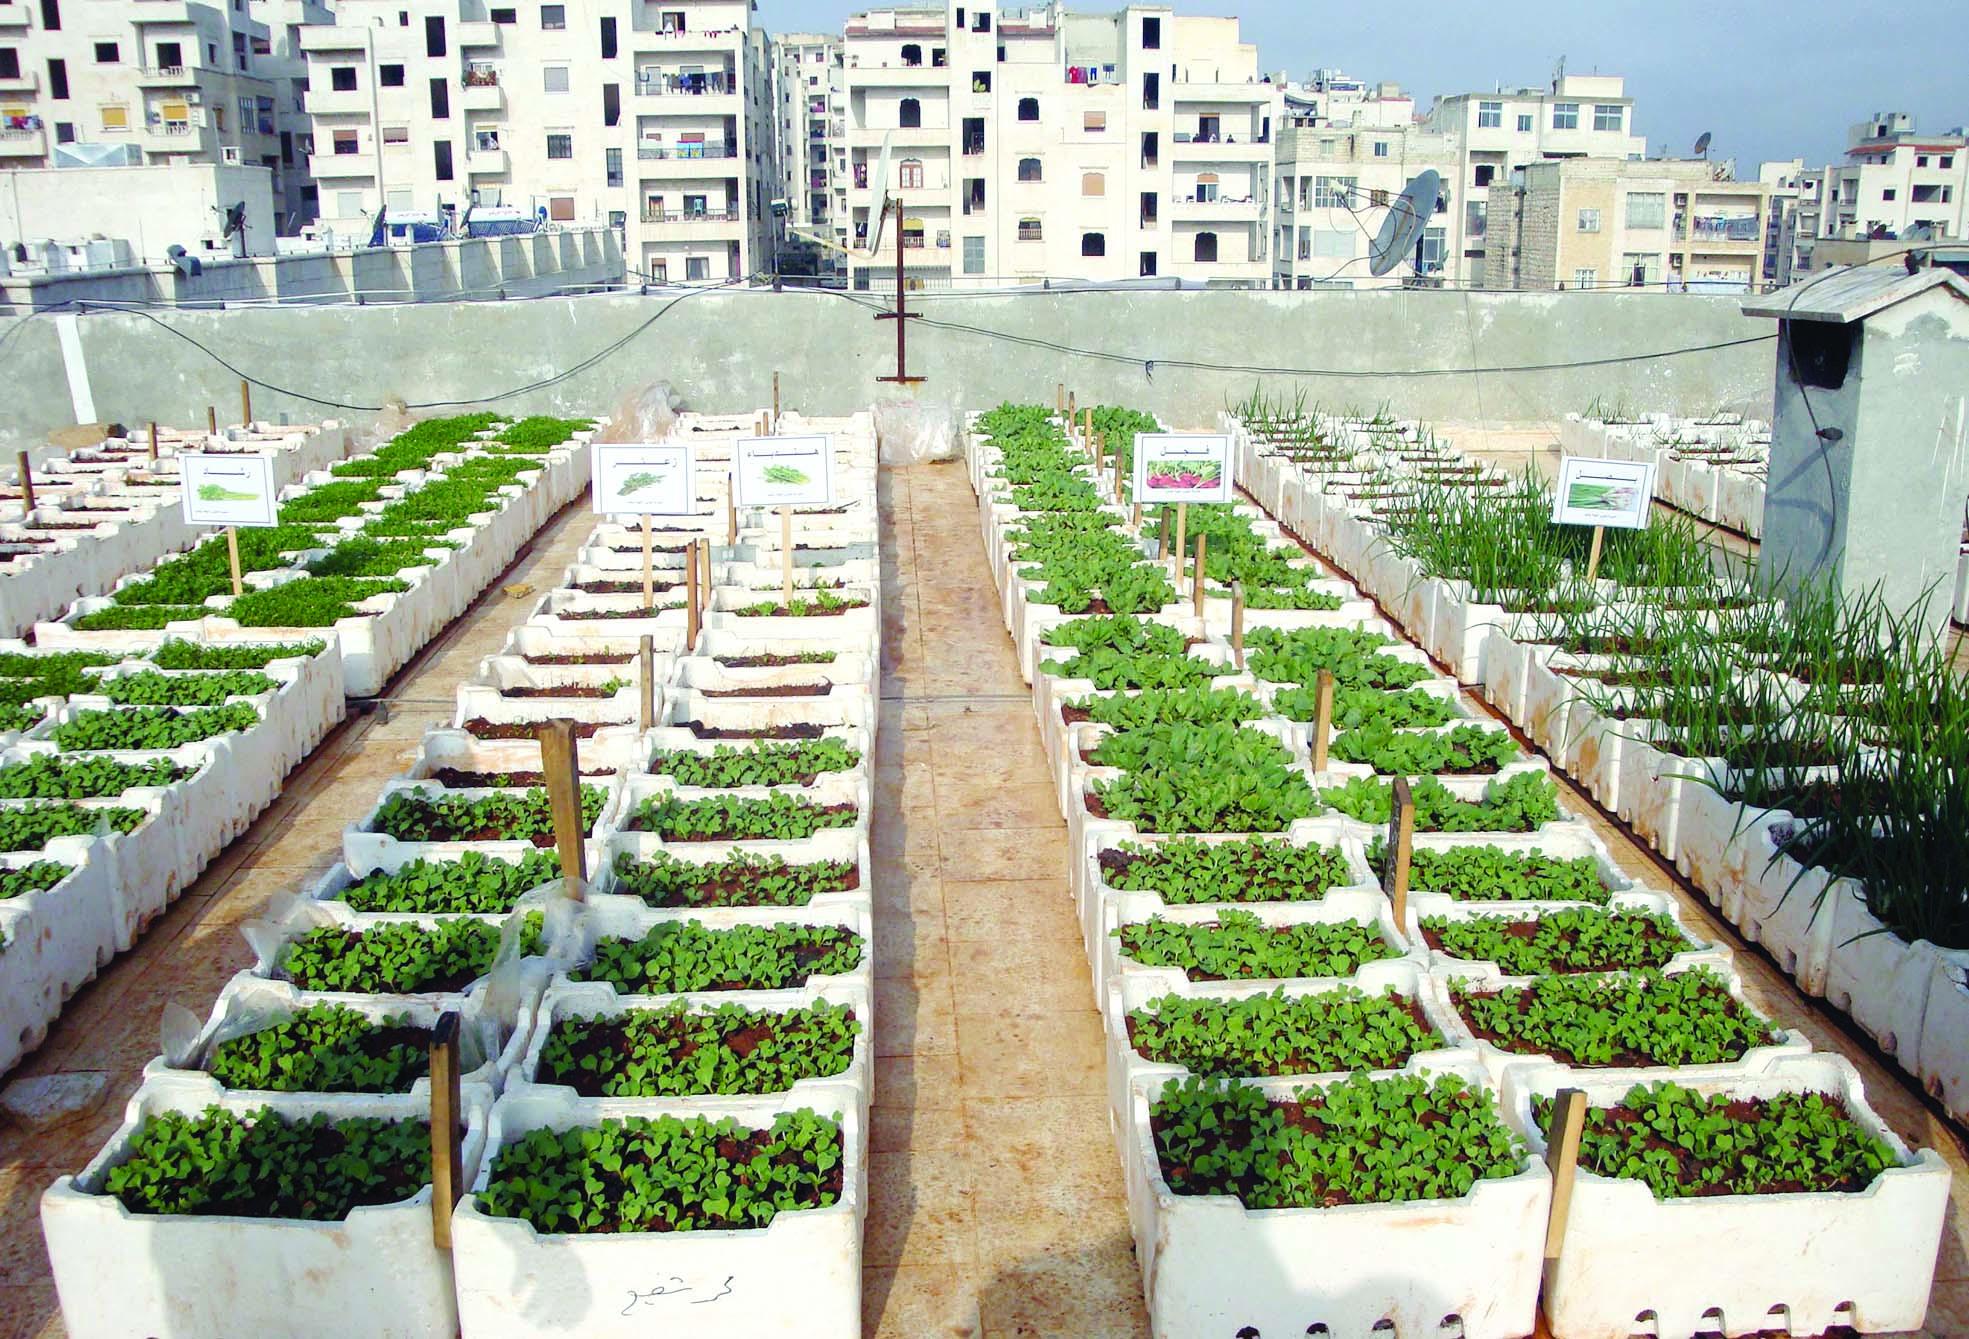 المصريون يكافحون الغلاء بزراعة أسطح المنازل